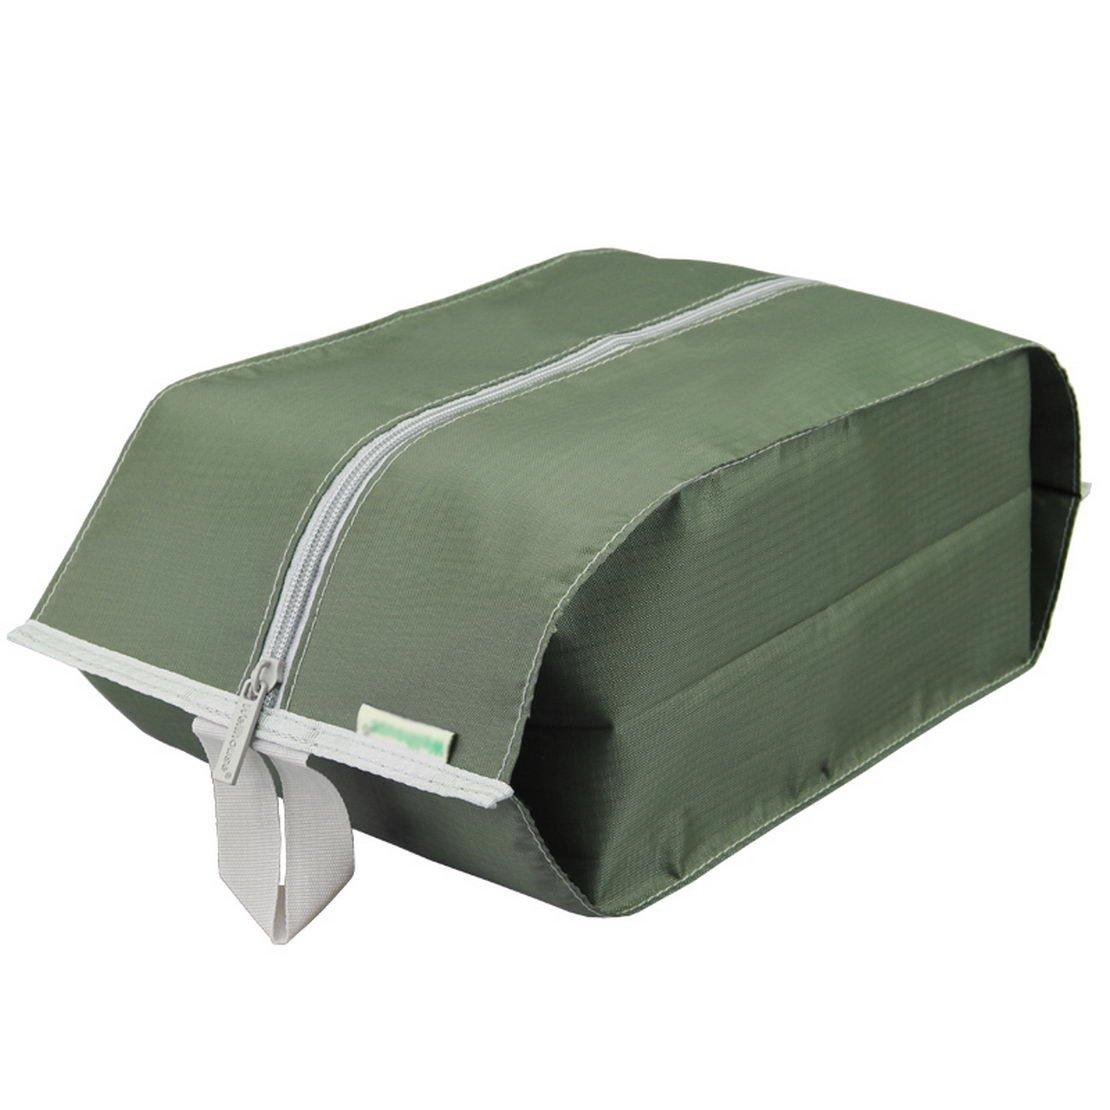 Travel shoe bag debris pouch large capacity zipper shoe bag, travel protection against dust, moisture bags shoe pouch shoe bag, shoe bag zipper shoe bag, shoe bag shoe dust,